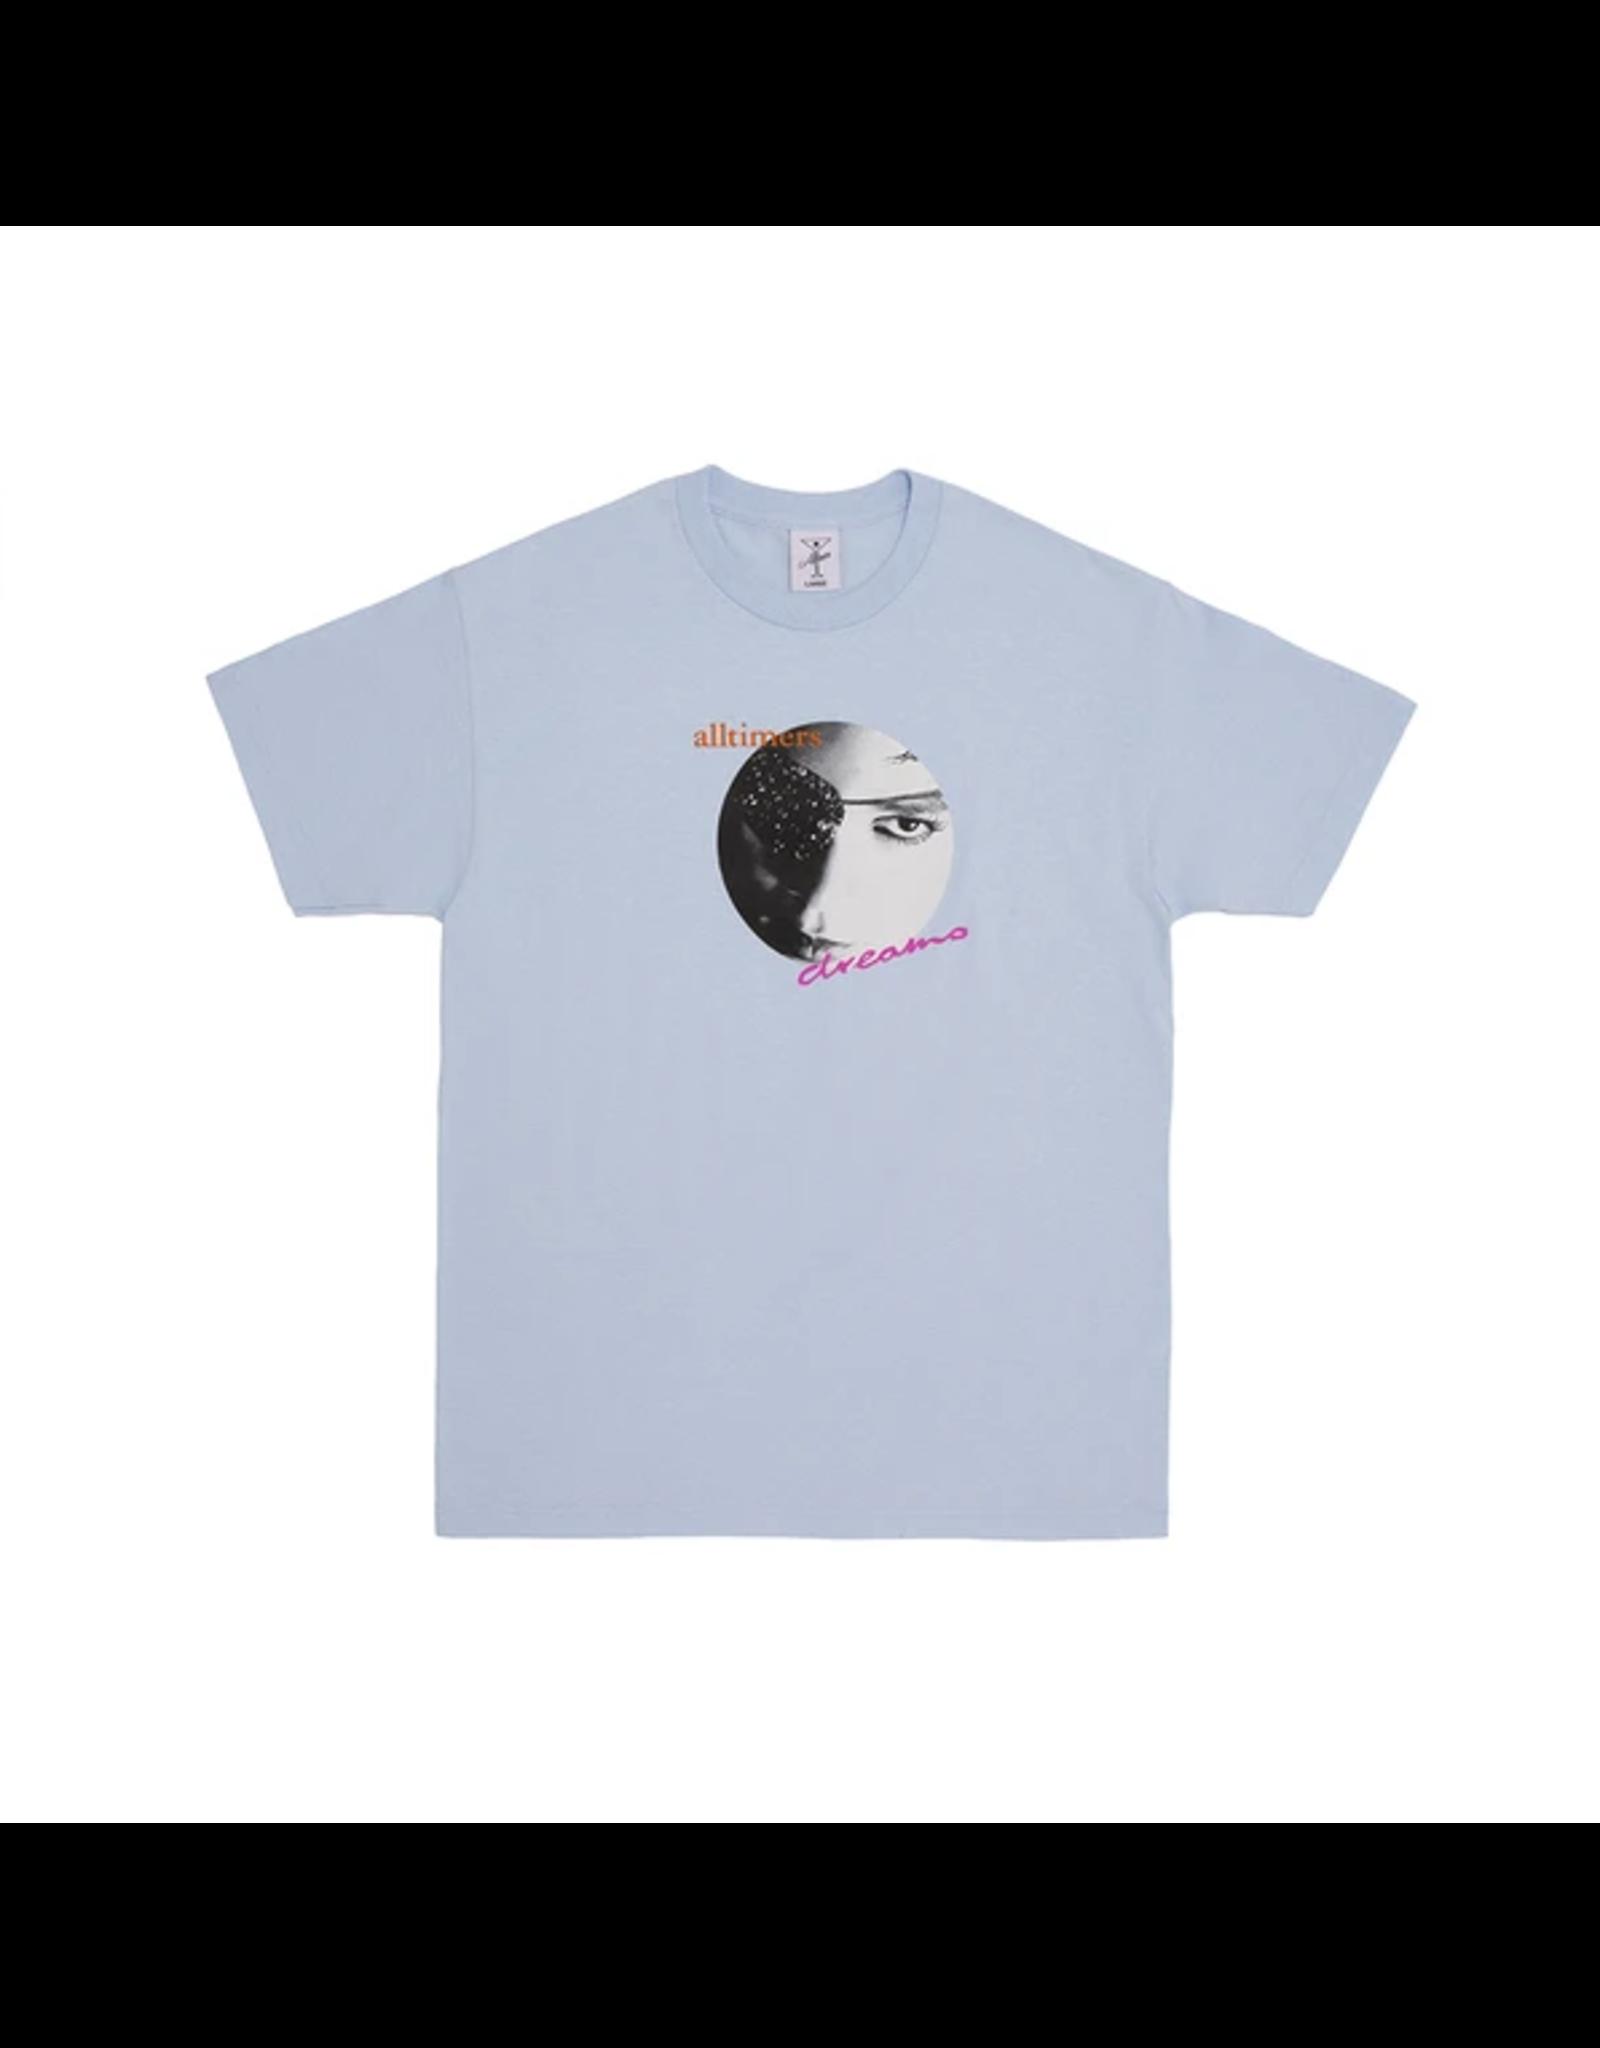 Alltimers Dreams T-Shirt - Powder Blue